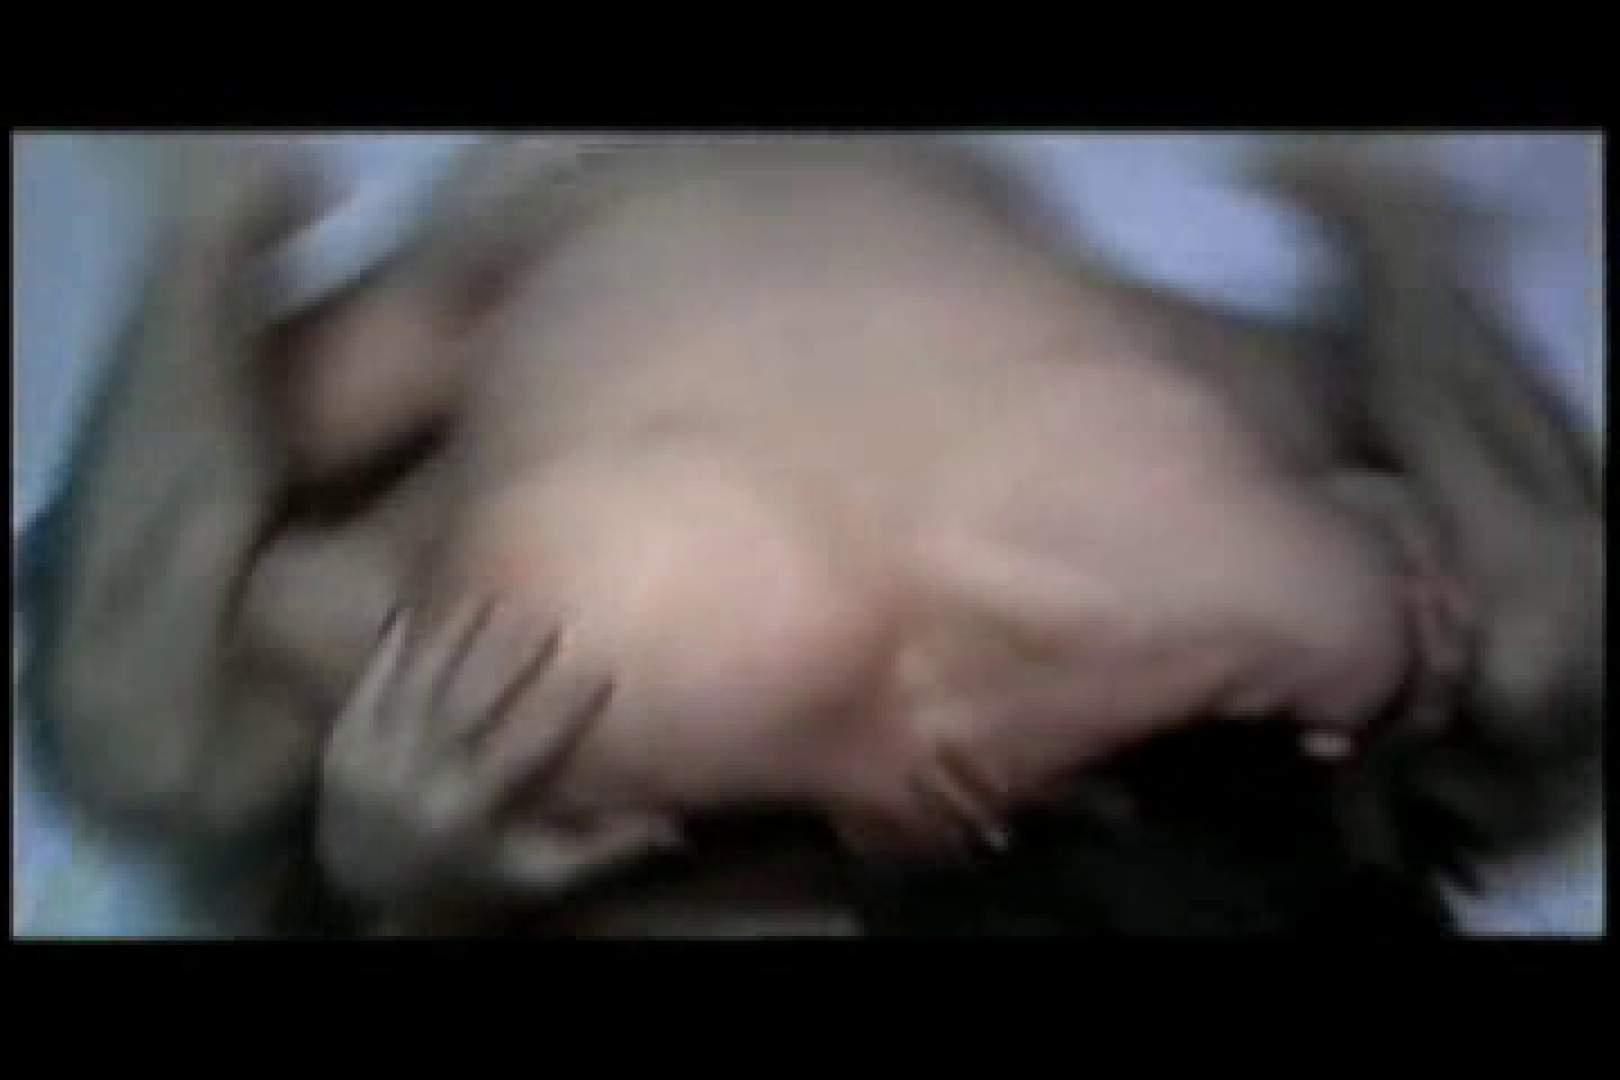 【実録個人撮影】男の子達の禁断の愛欲性活!!vol.04 キン肉 | ディープキス ゲイ無修正画像 109枚 47